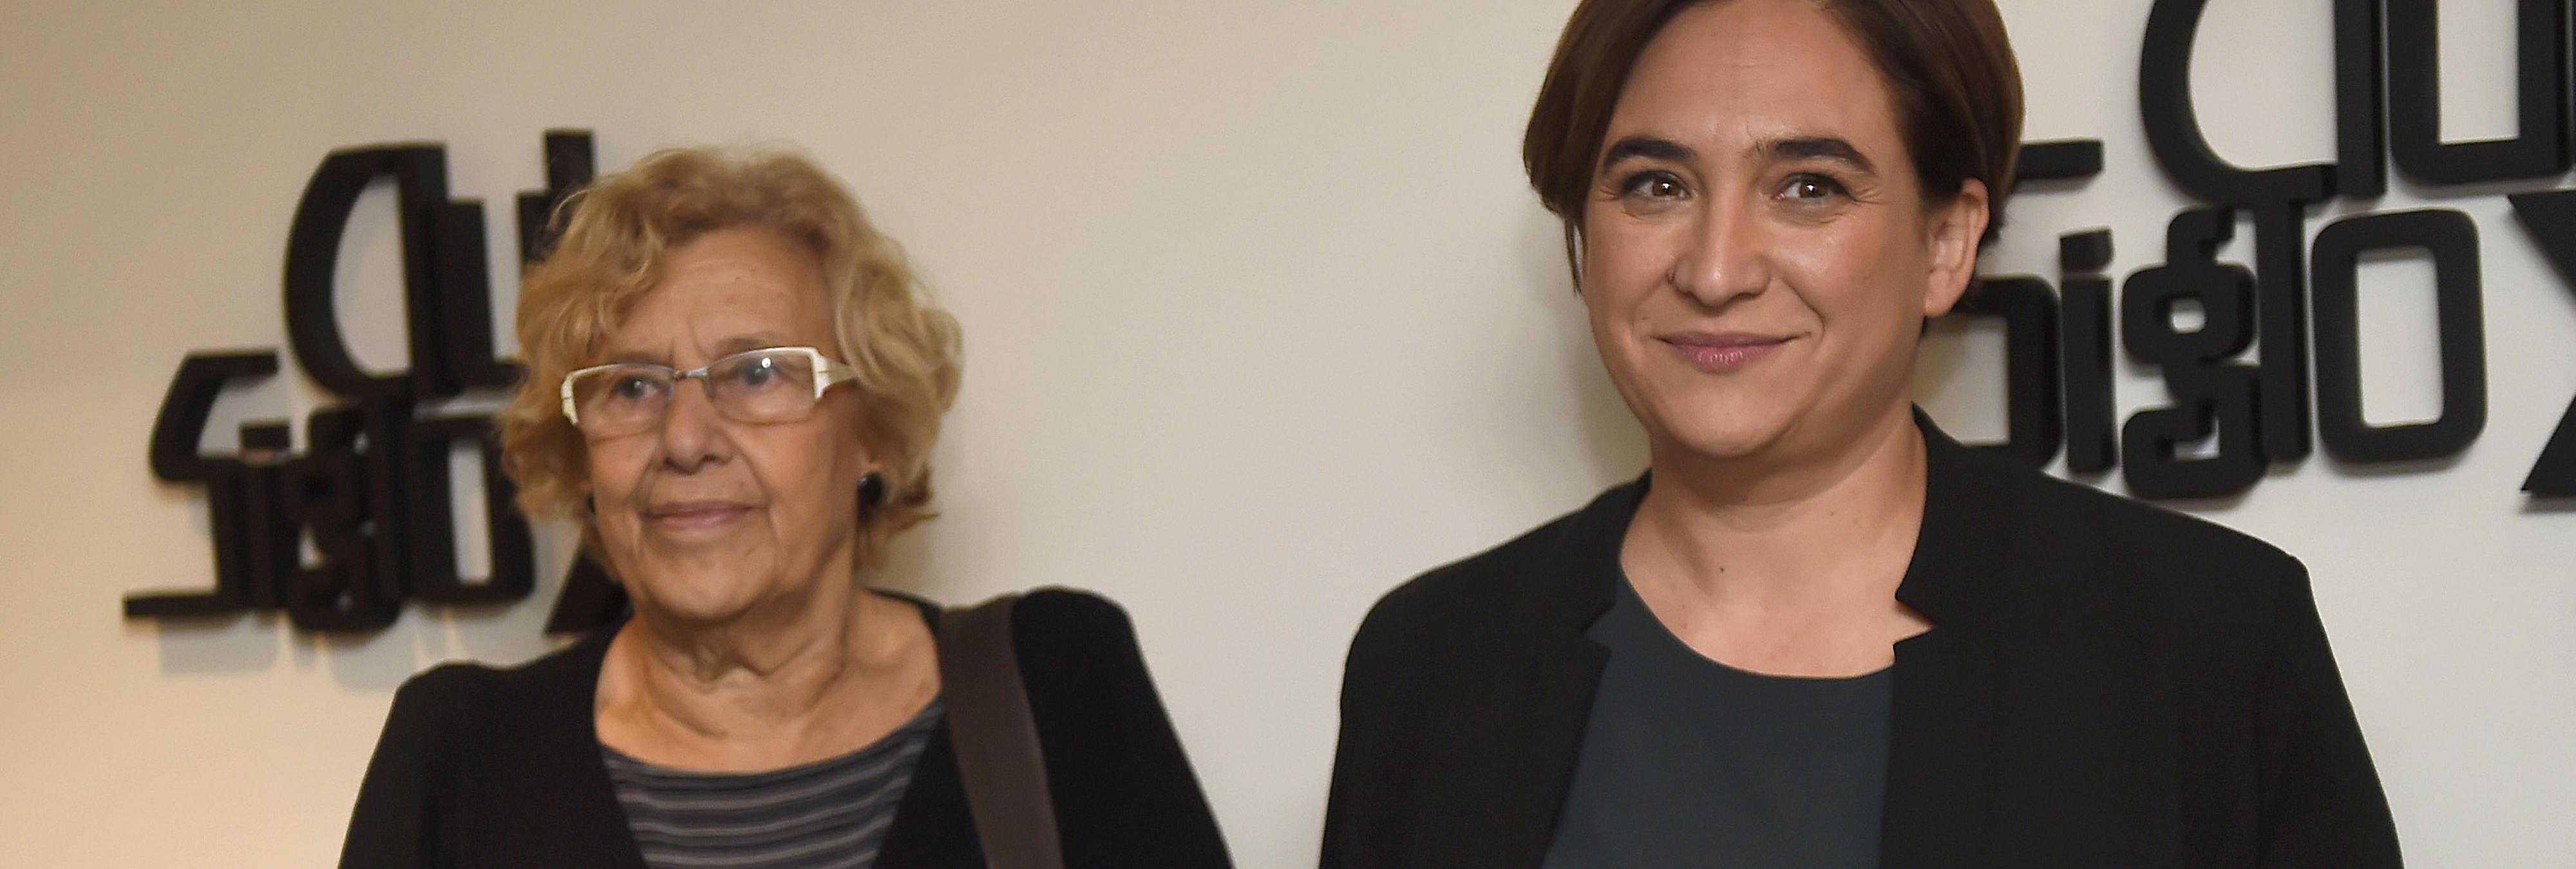 La ONU alaba la gestión de Colau y Carmena sobre los refugiados